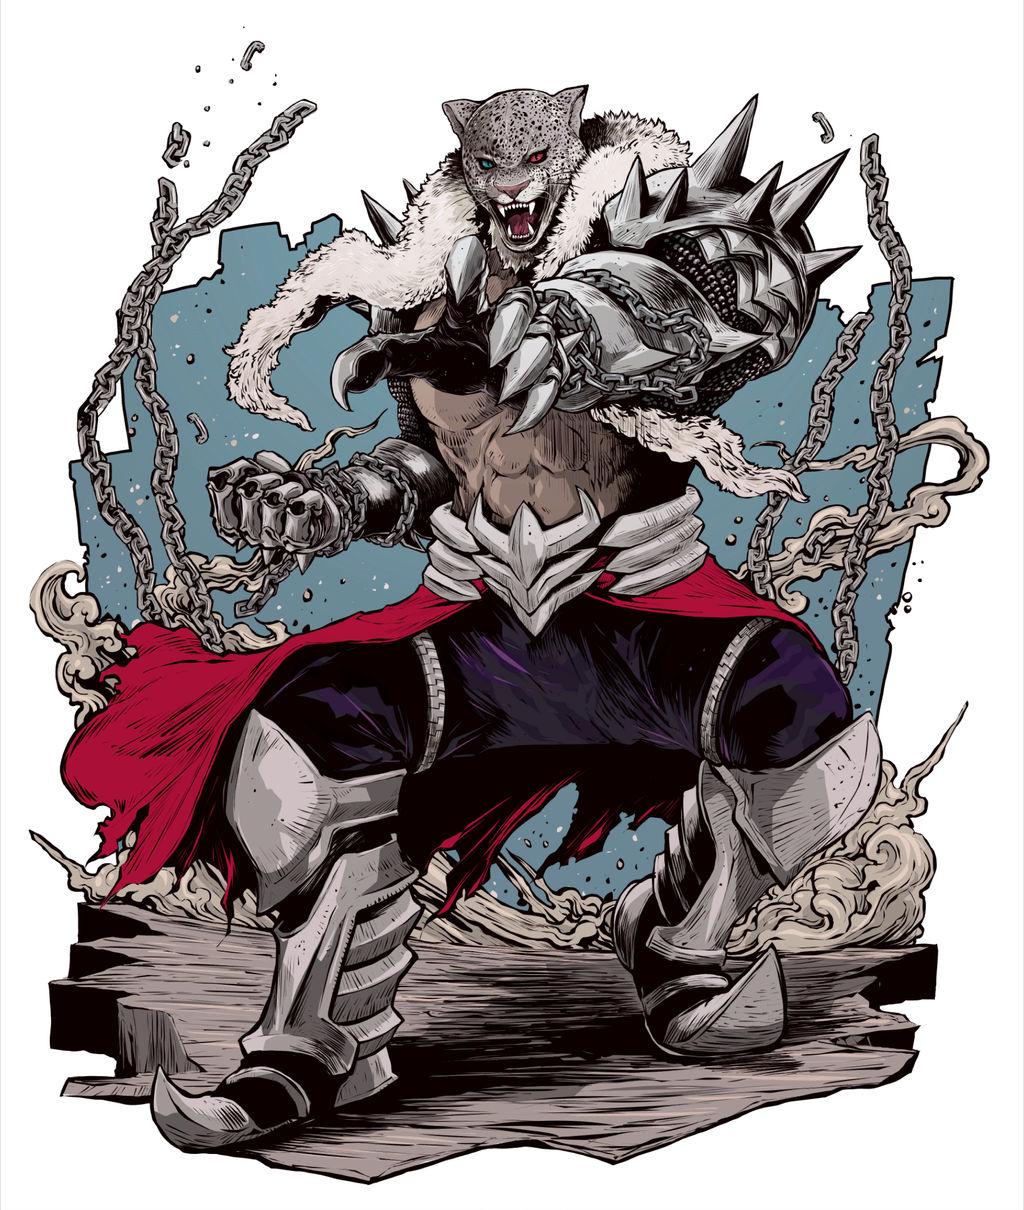 Armor King Full Body Character Artwork Tekken 7 By Armorkingtv21